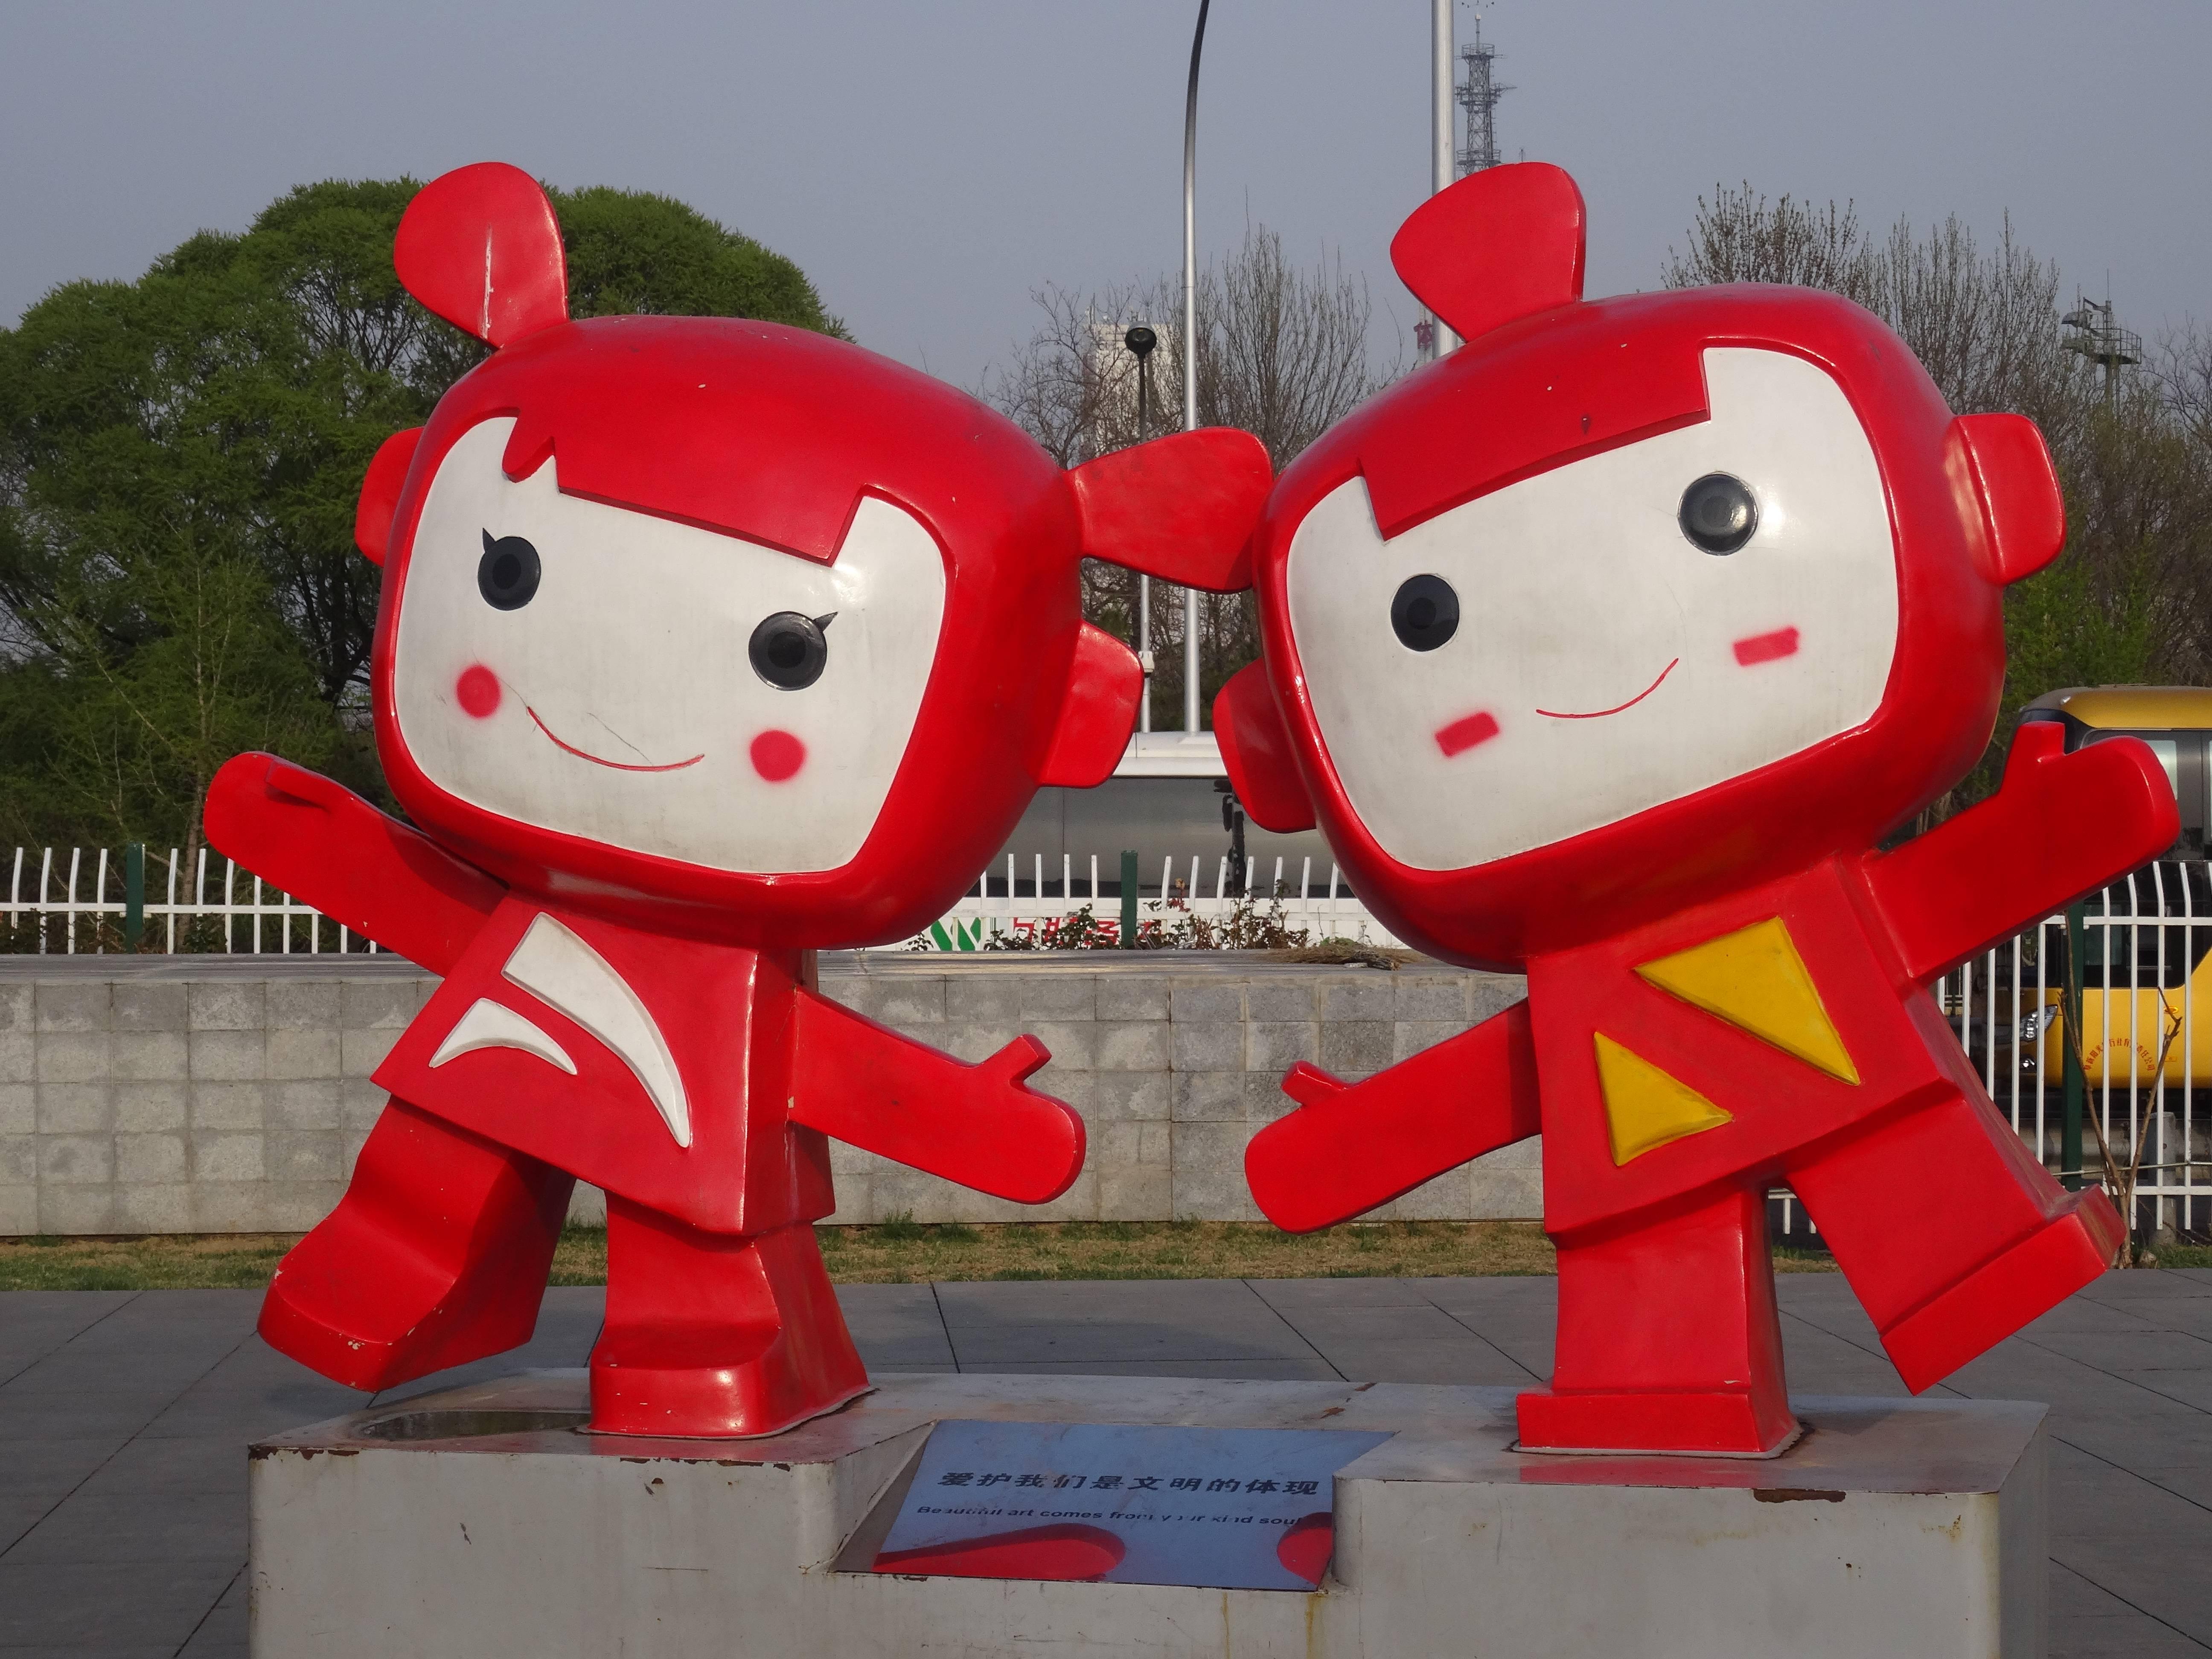 Photo 1: Le Parc des Jeux Olympiques de 2008 à Pékin... une autre vision de cette mégapole...